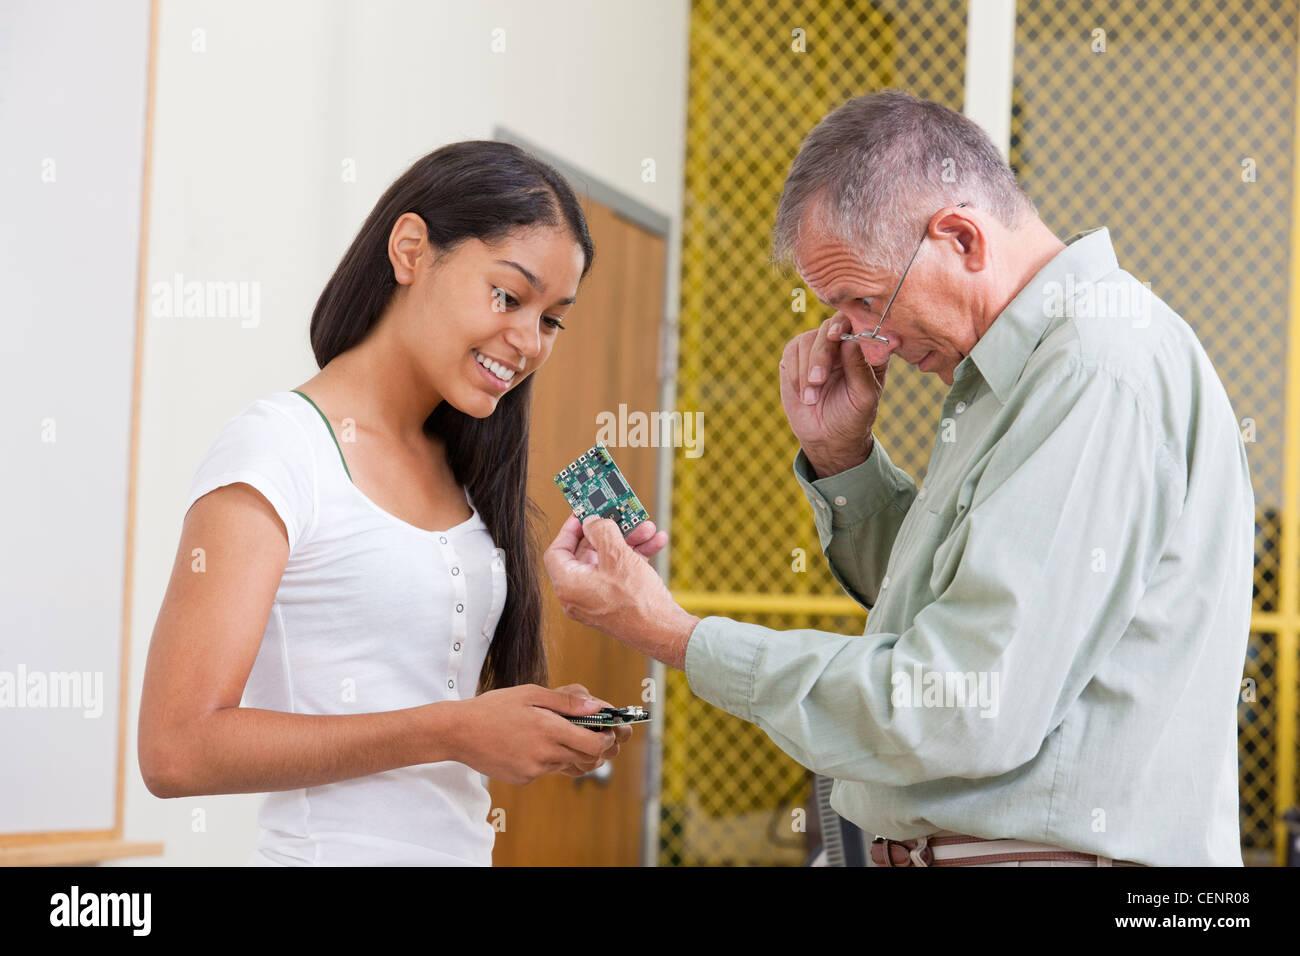 Les cartes de circuits, professeur de génie montrant à un étudiant Photo Stock